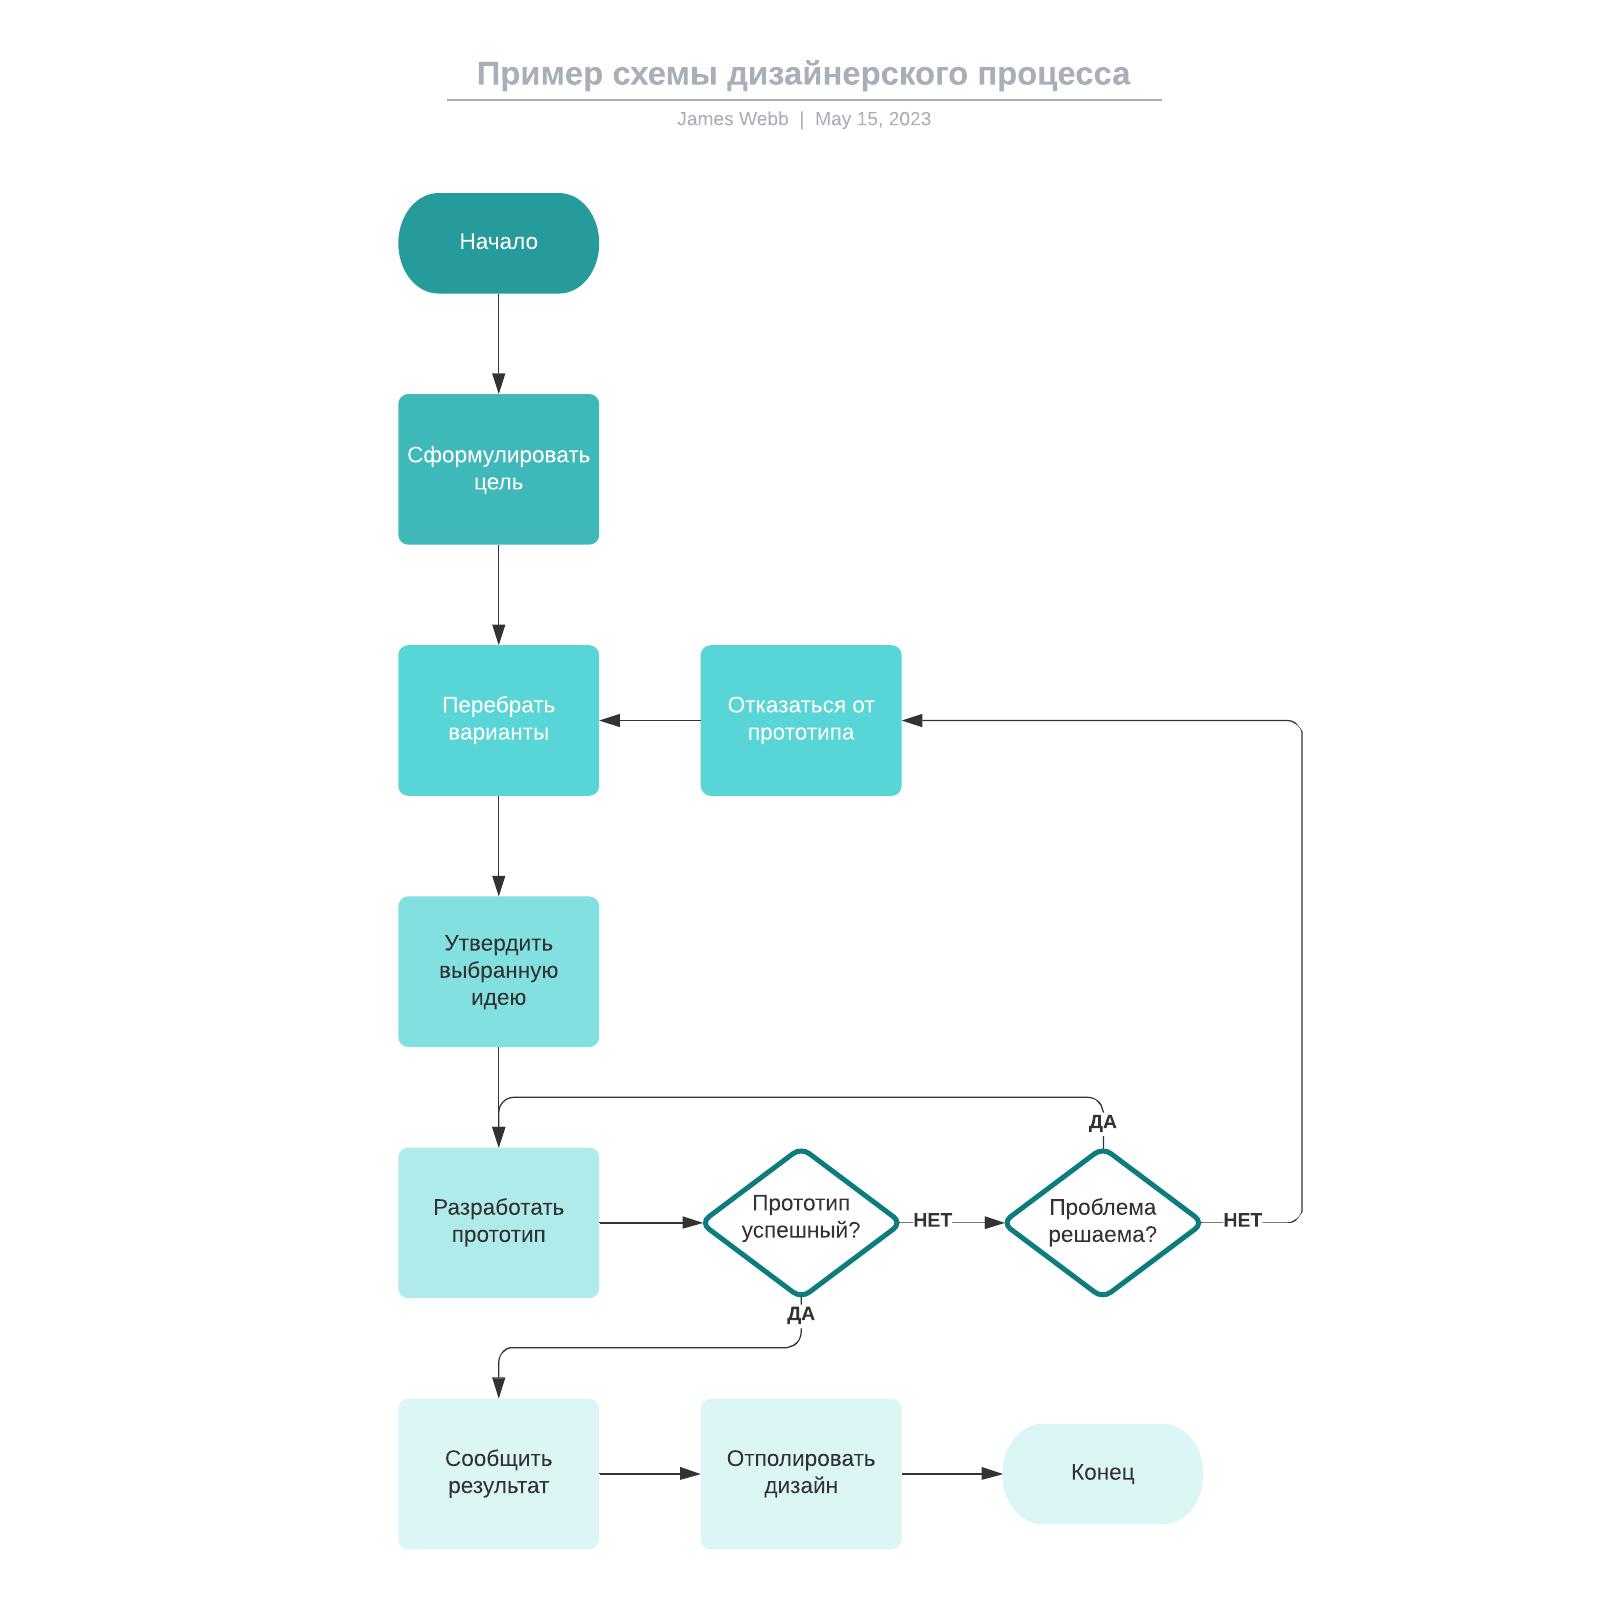 Пример схемы дизайнерского процесса